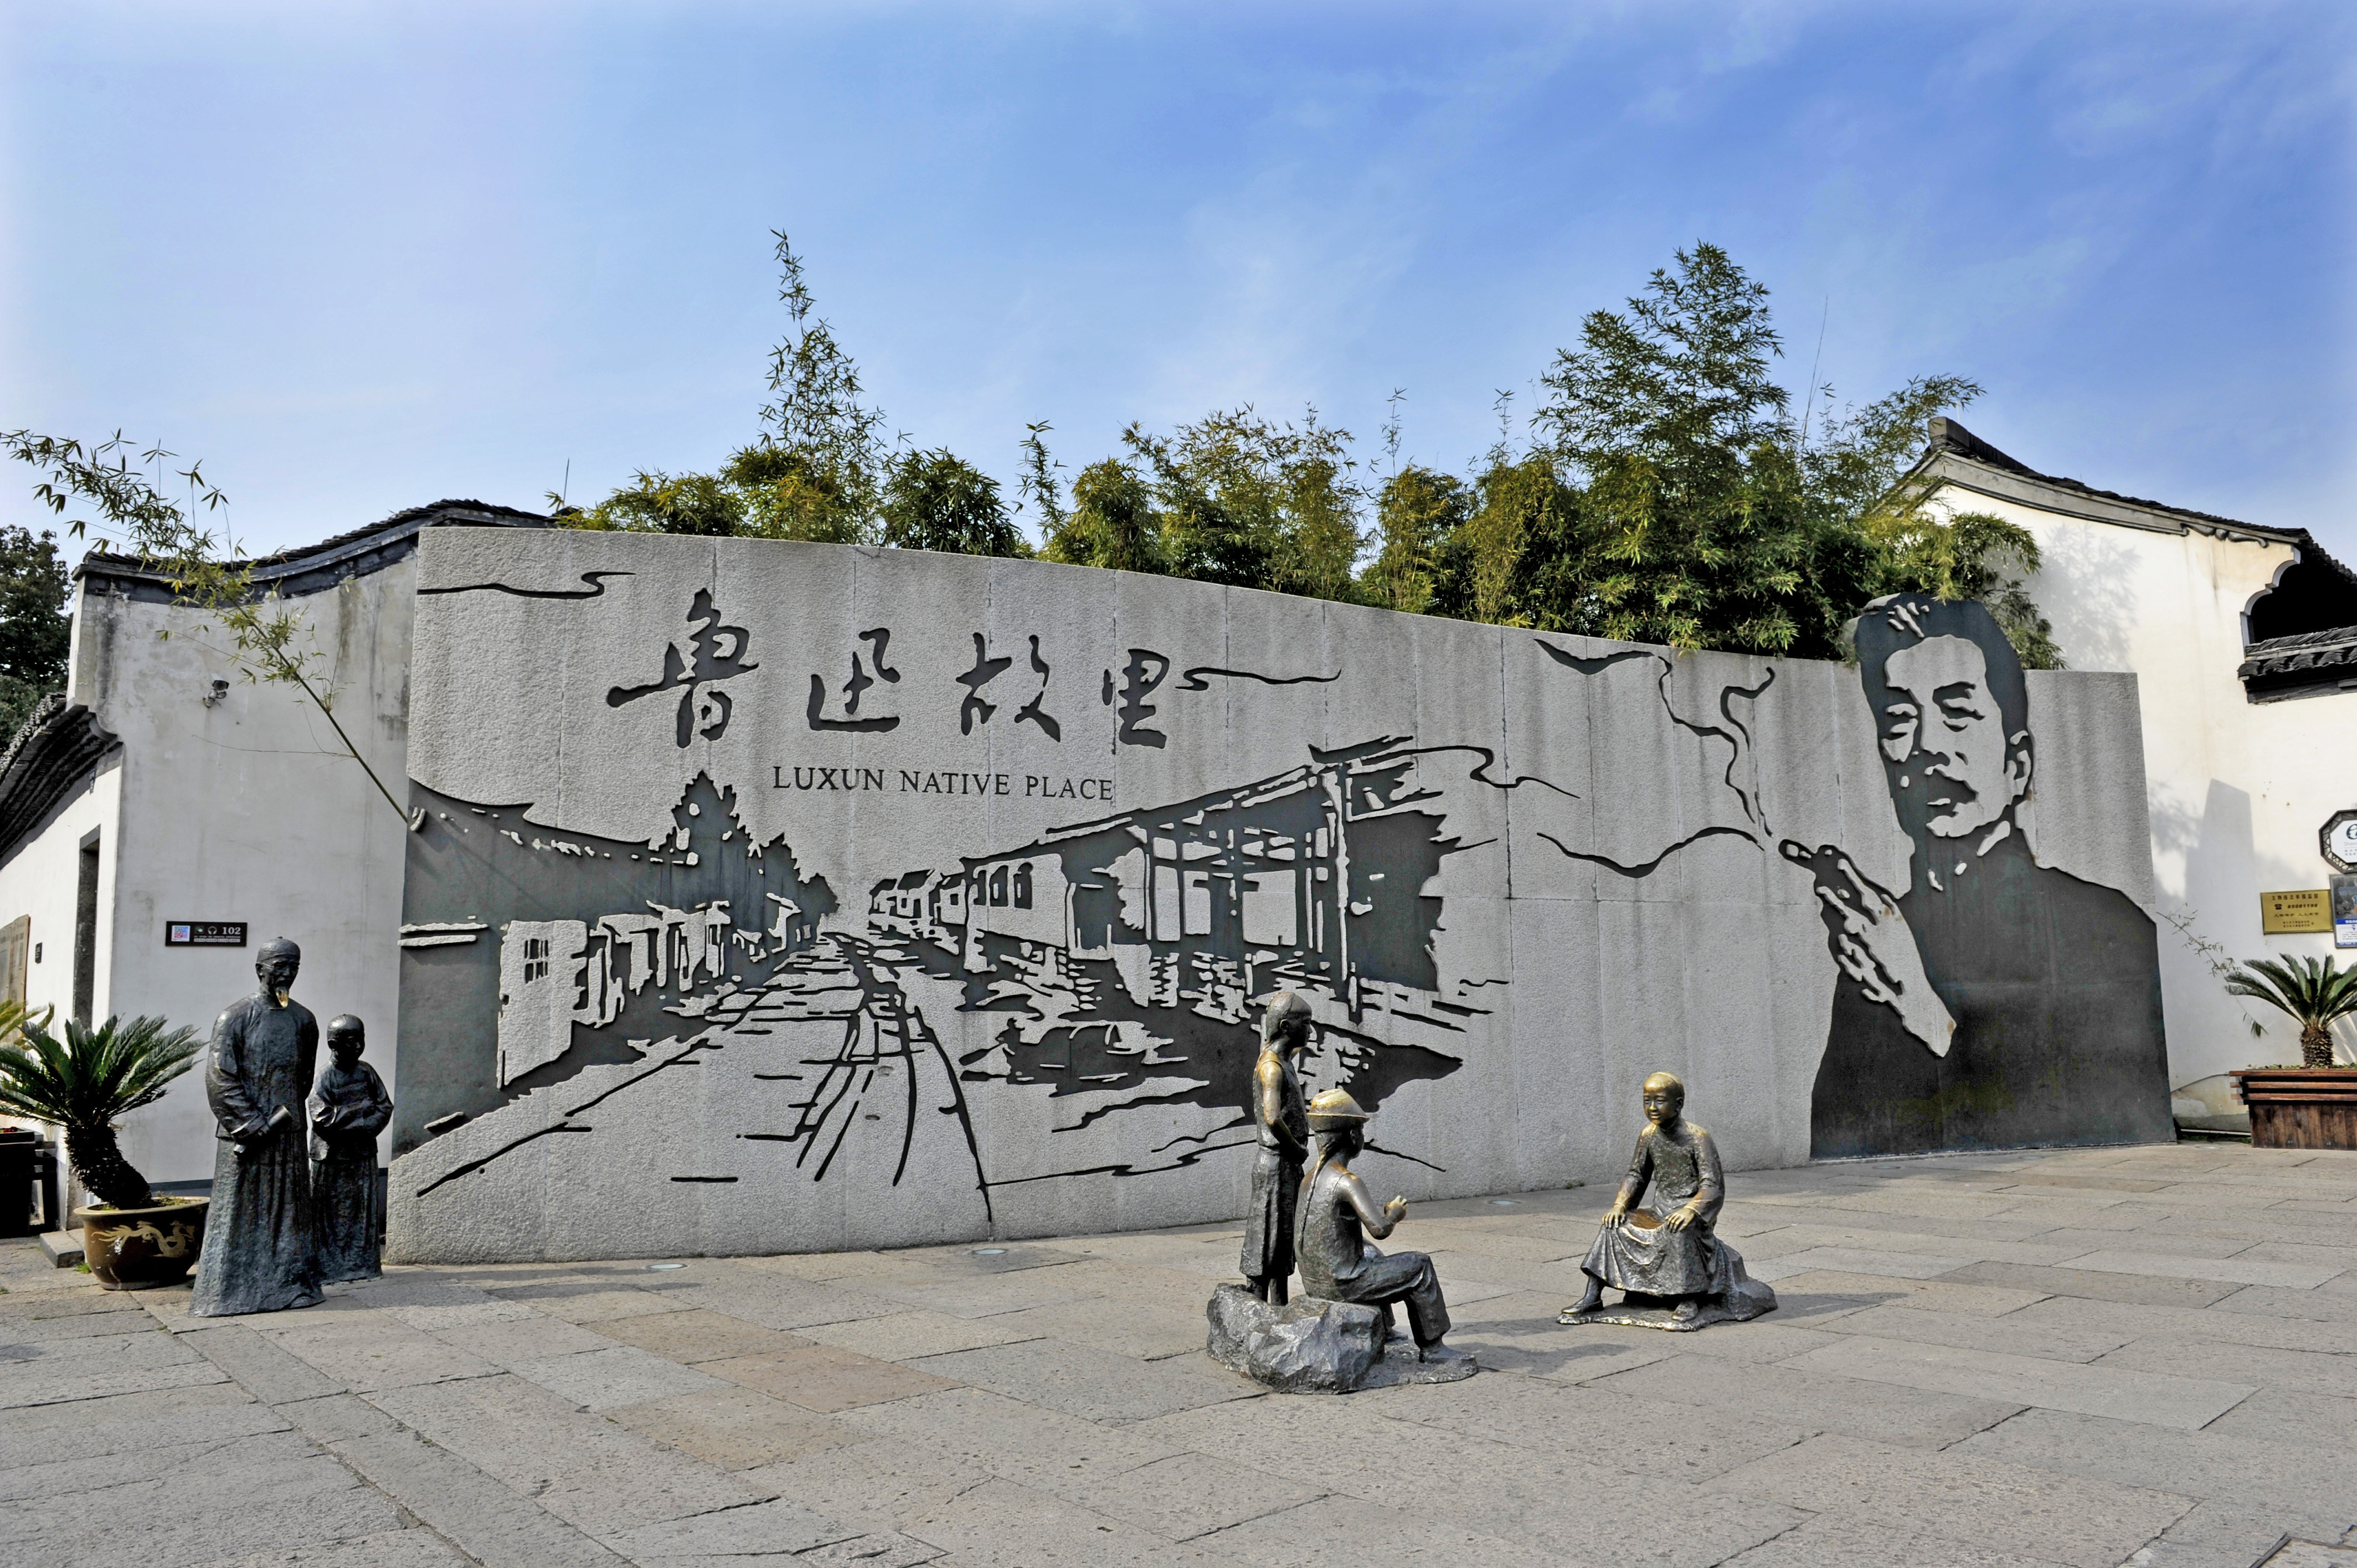 魯迅故里景區+沈園+倉橋直街+蘭亭一日遊(上門接送)